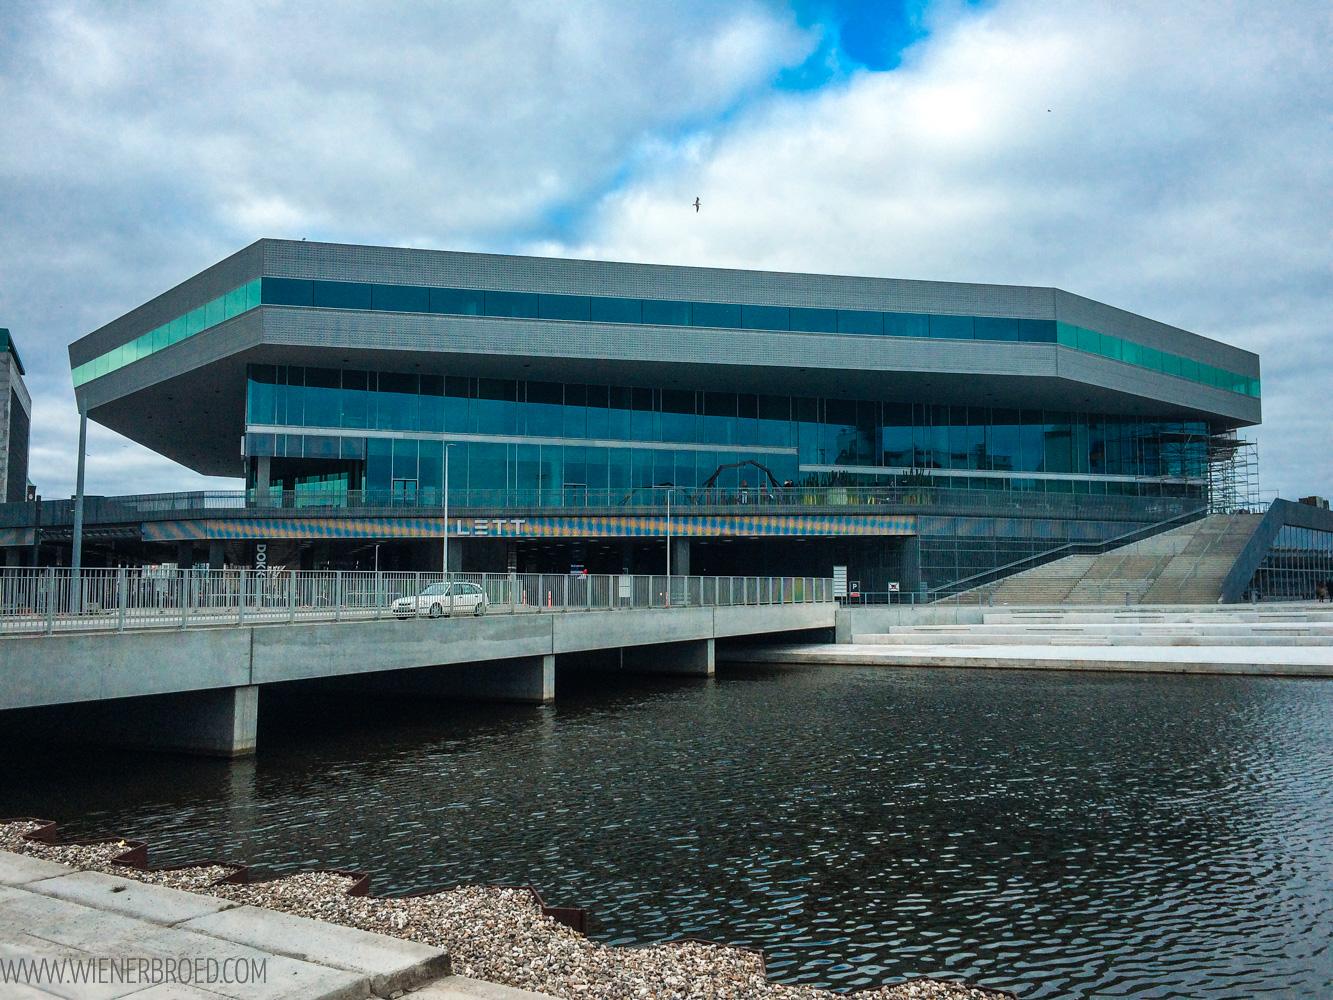 """Mit der AIDAcara im Winter in Norwegen auf der Reise """"Winter im hohen Norden"""" – Die letzte Etappe von Bergen über Aarhus nach Kiel [wienerbroed.com]"""